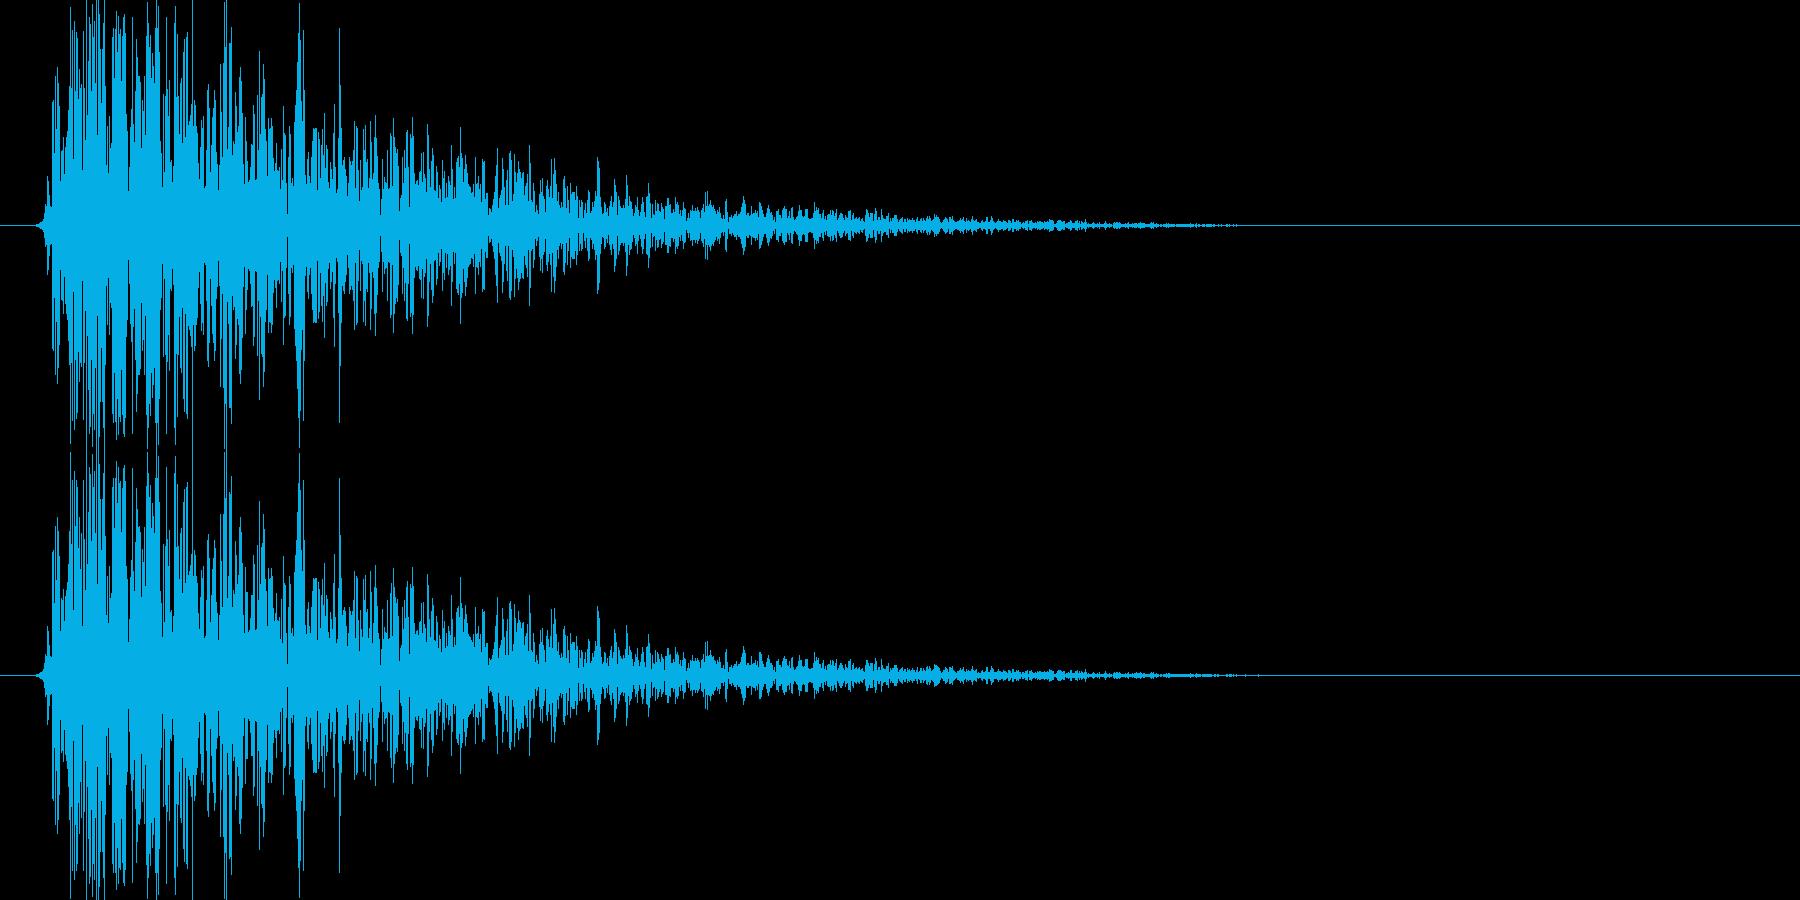 ボウーッ↑(火器攻撃音、シューティング)の再生済みの波形